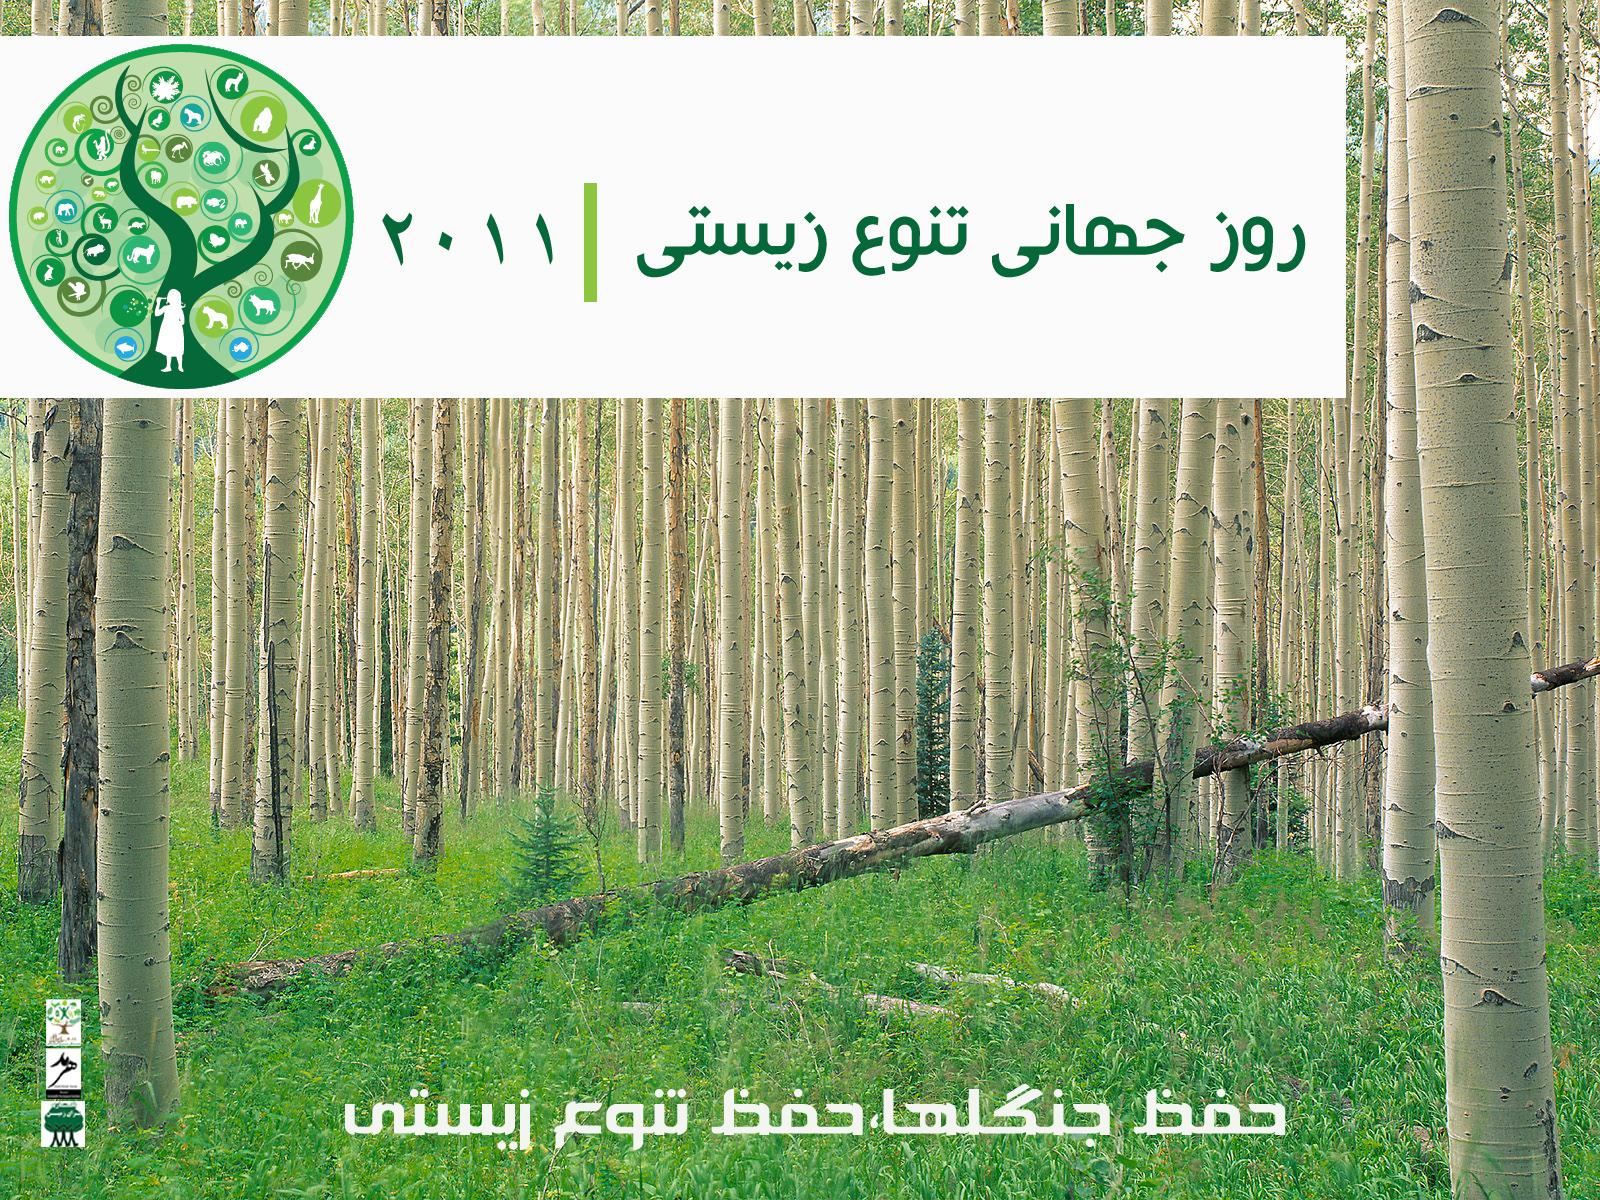 پوستر روز جهانی تنوع زیستی 2011